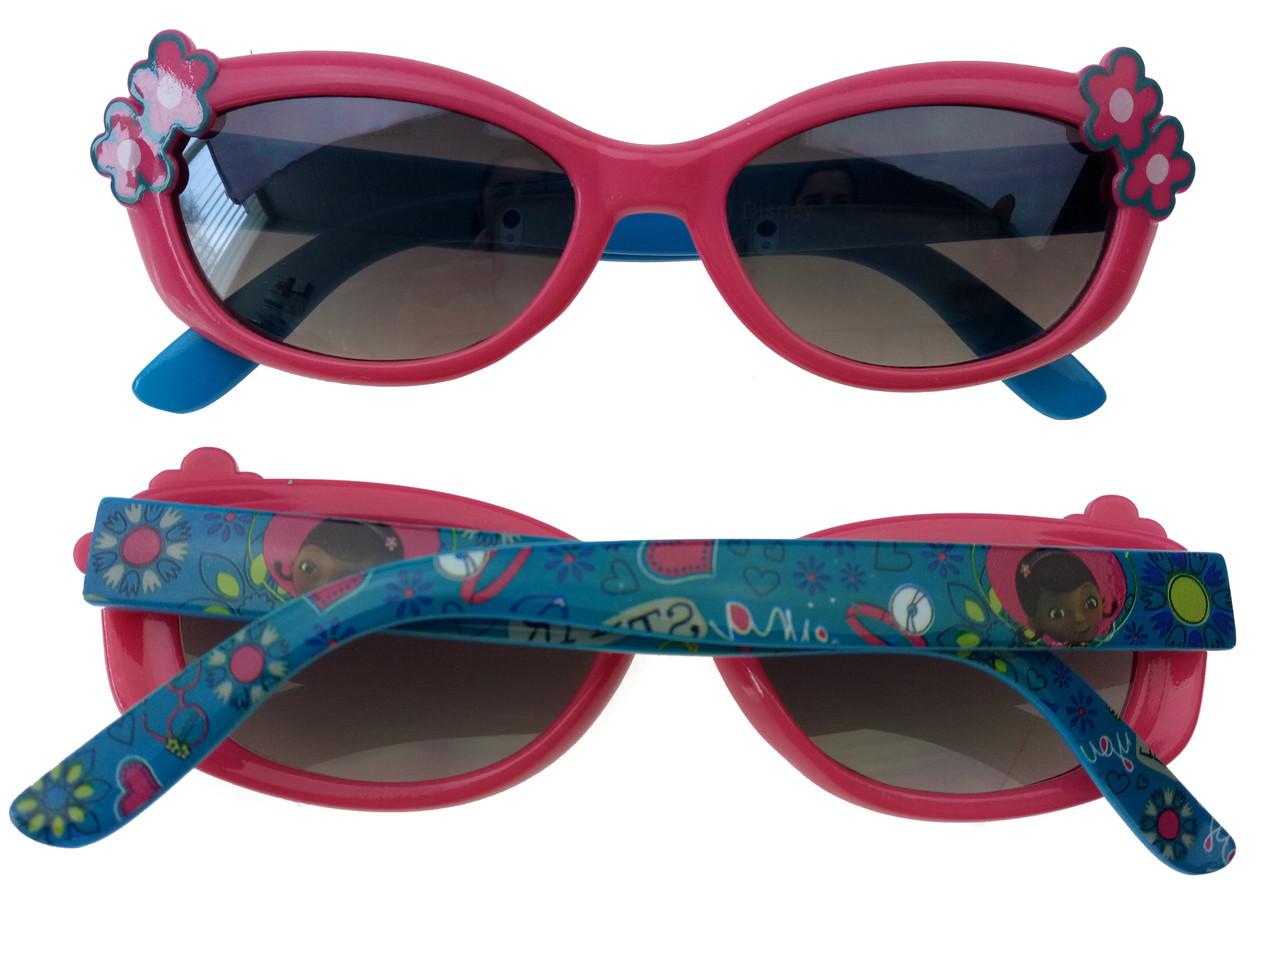 Детские солнцезащитные очки - «Skye» - магазин ярких впечатлений для всей  семьи в Киеве 4c3226beb4c